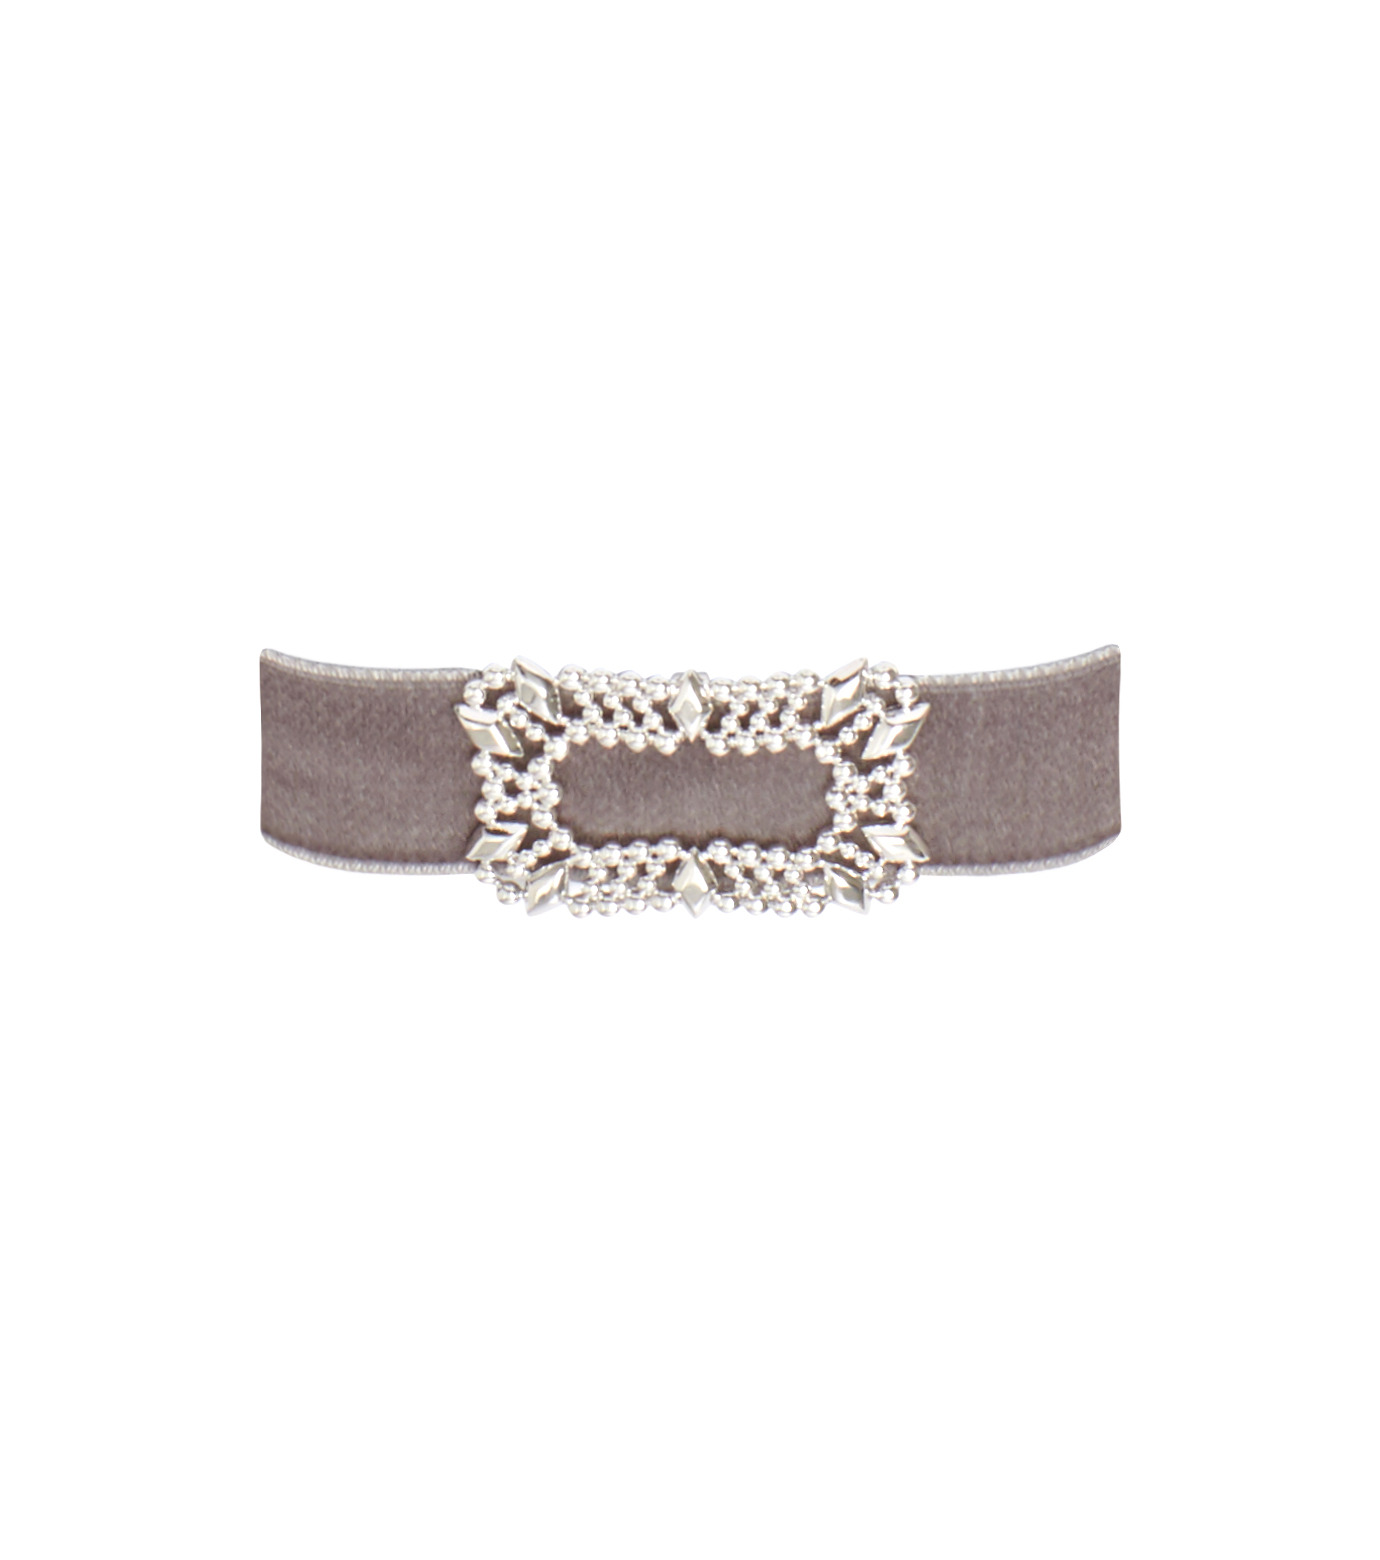 Fallon(ファロン)のToria Buckle Velvet Choker-GRAY(ネックレス/necklace)-FN21666-11 拡大詳細画像1